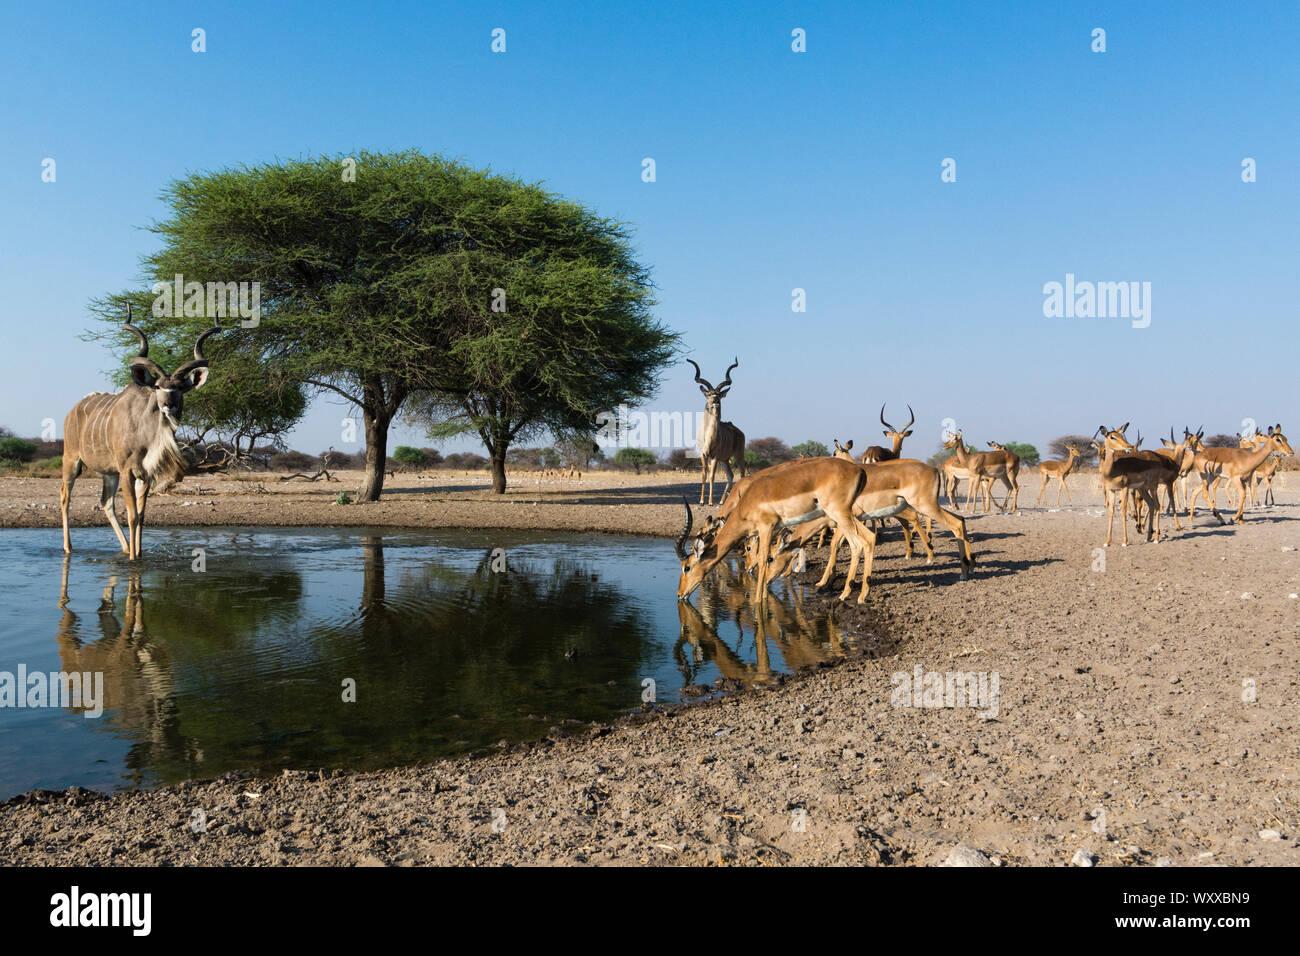 Remote camera image of greater kudus (Tragelaphus strepsiceros) and Impalas (Aepyceros melampus) at waterhole, Kalahari, Botswana Stock Photo